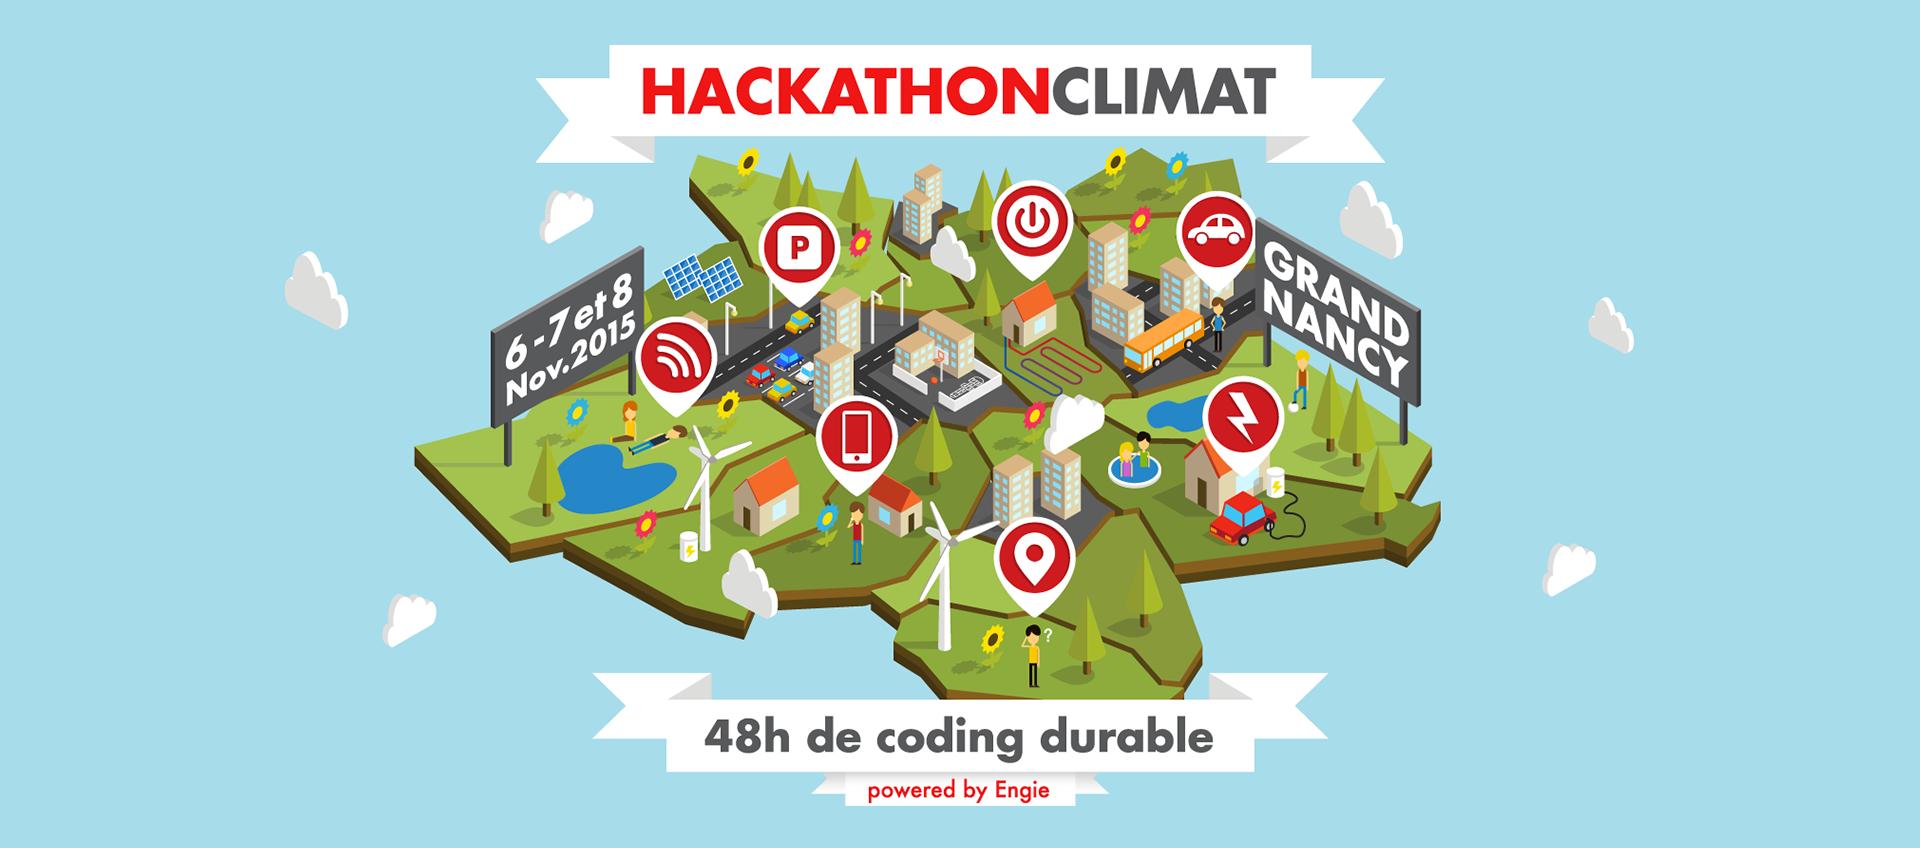 Photo of Hackathon climat avec ENGIE et Le Grand Nancy